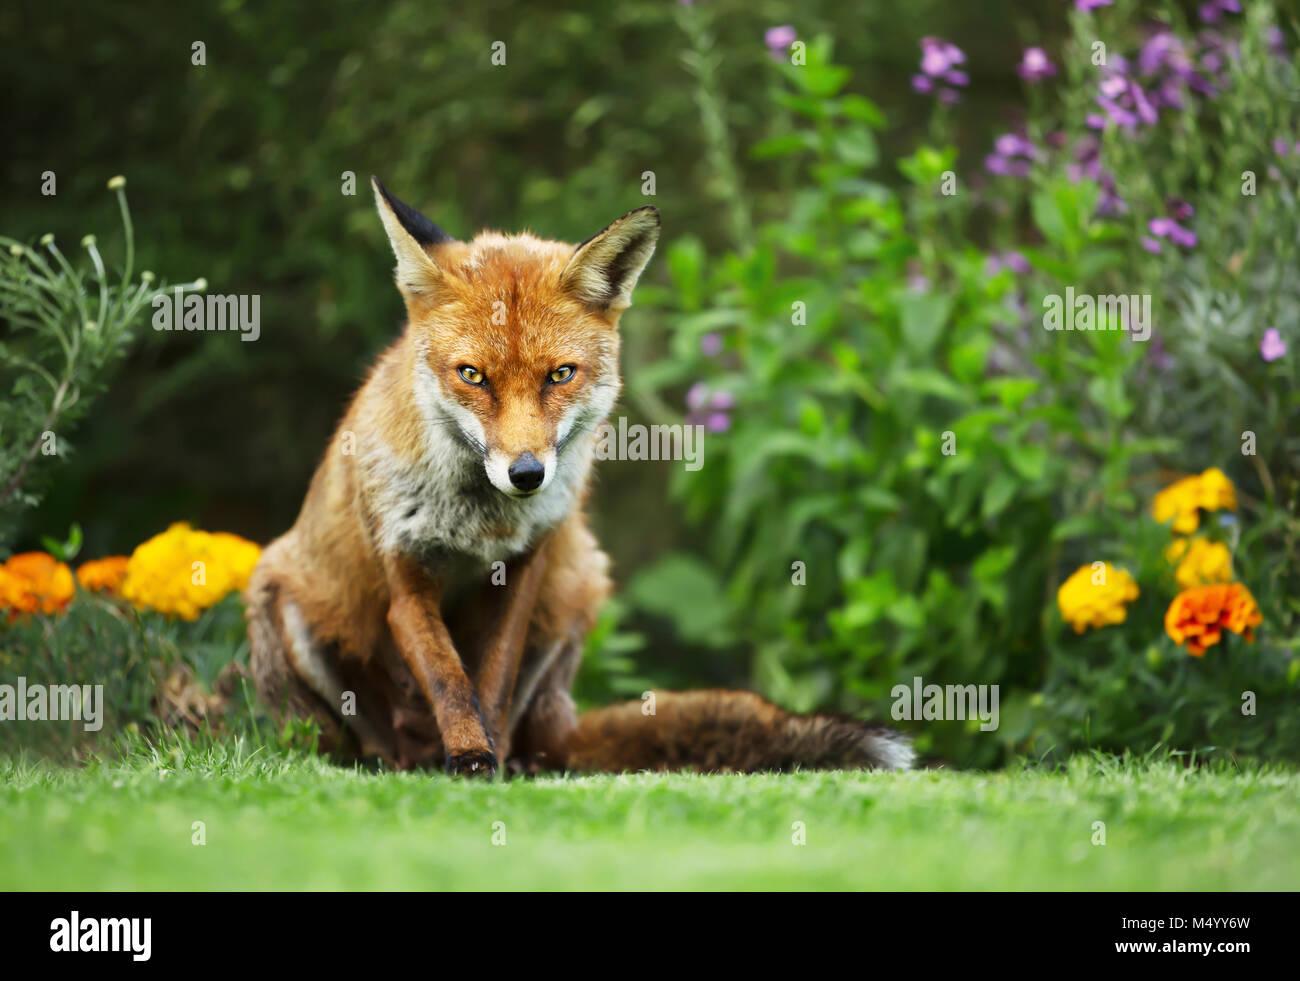 Close-up de un zorro rojo de pie en el jardín con flores, el verano en el Reino Unido. Imagen De Stock